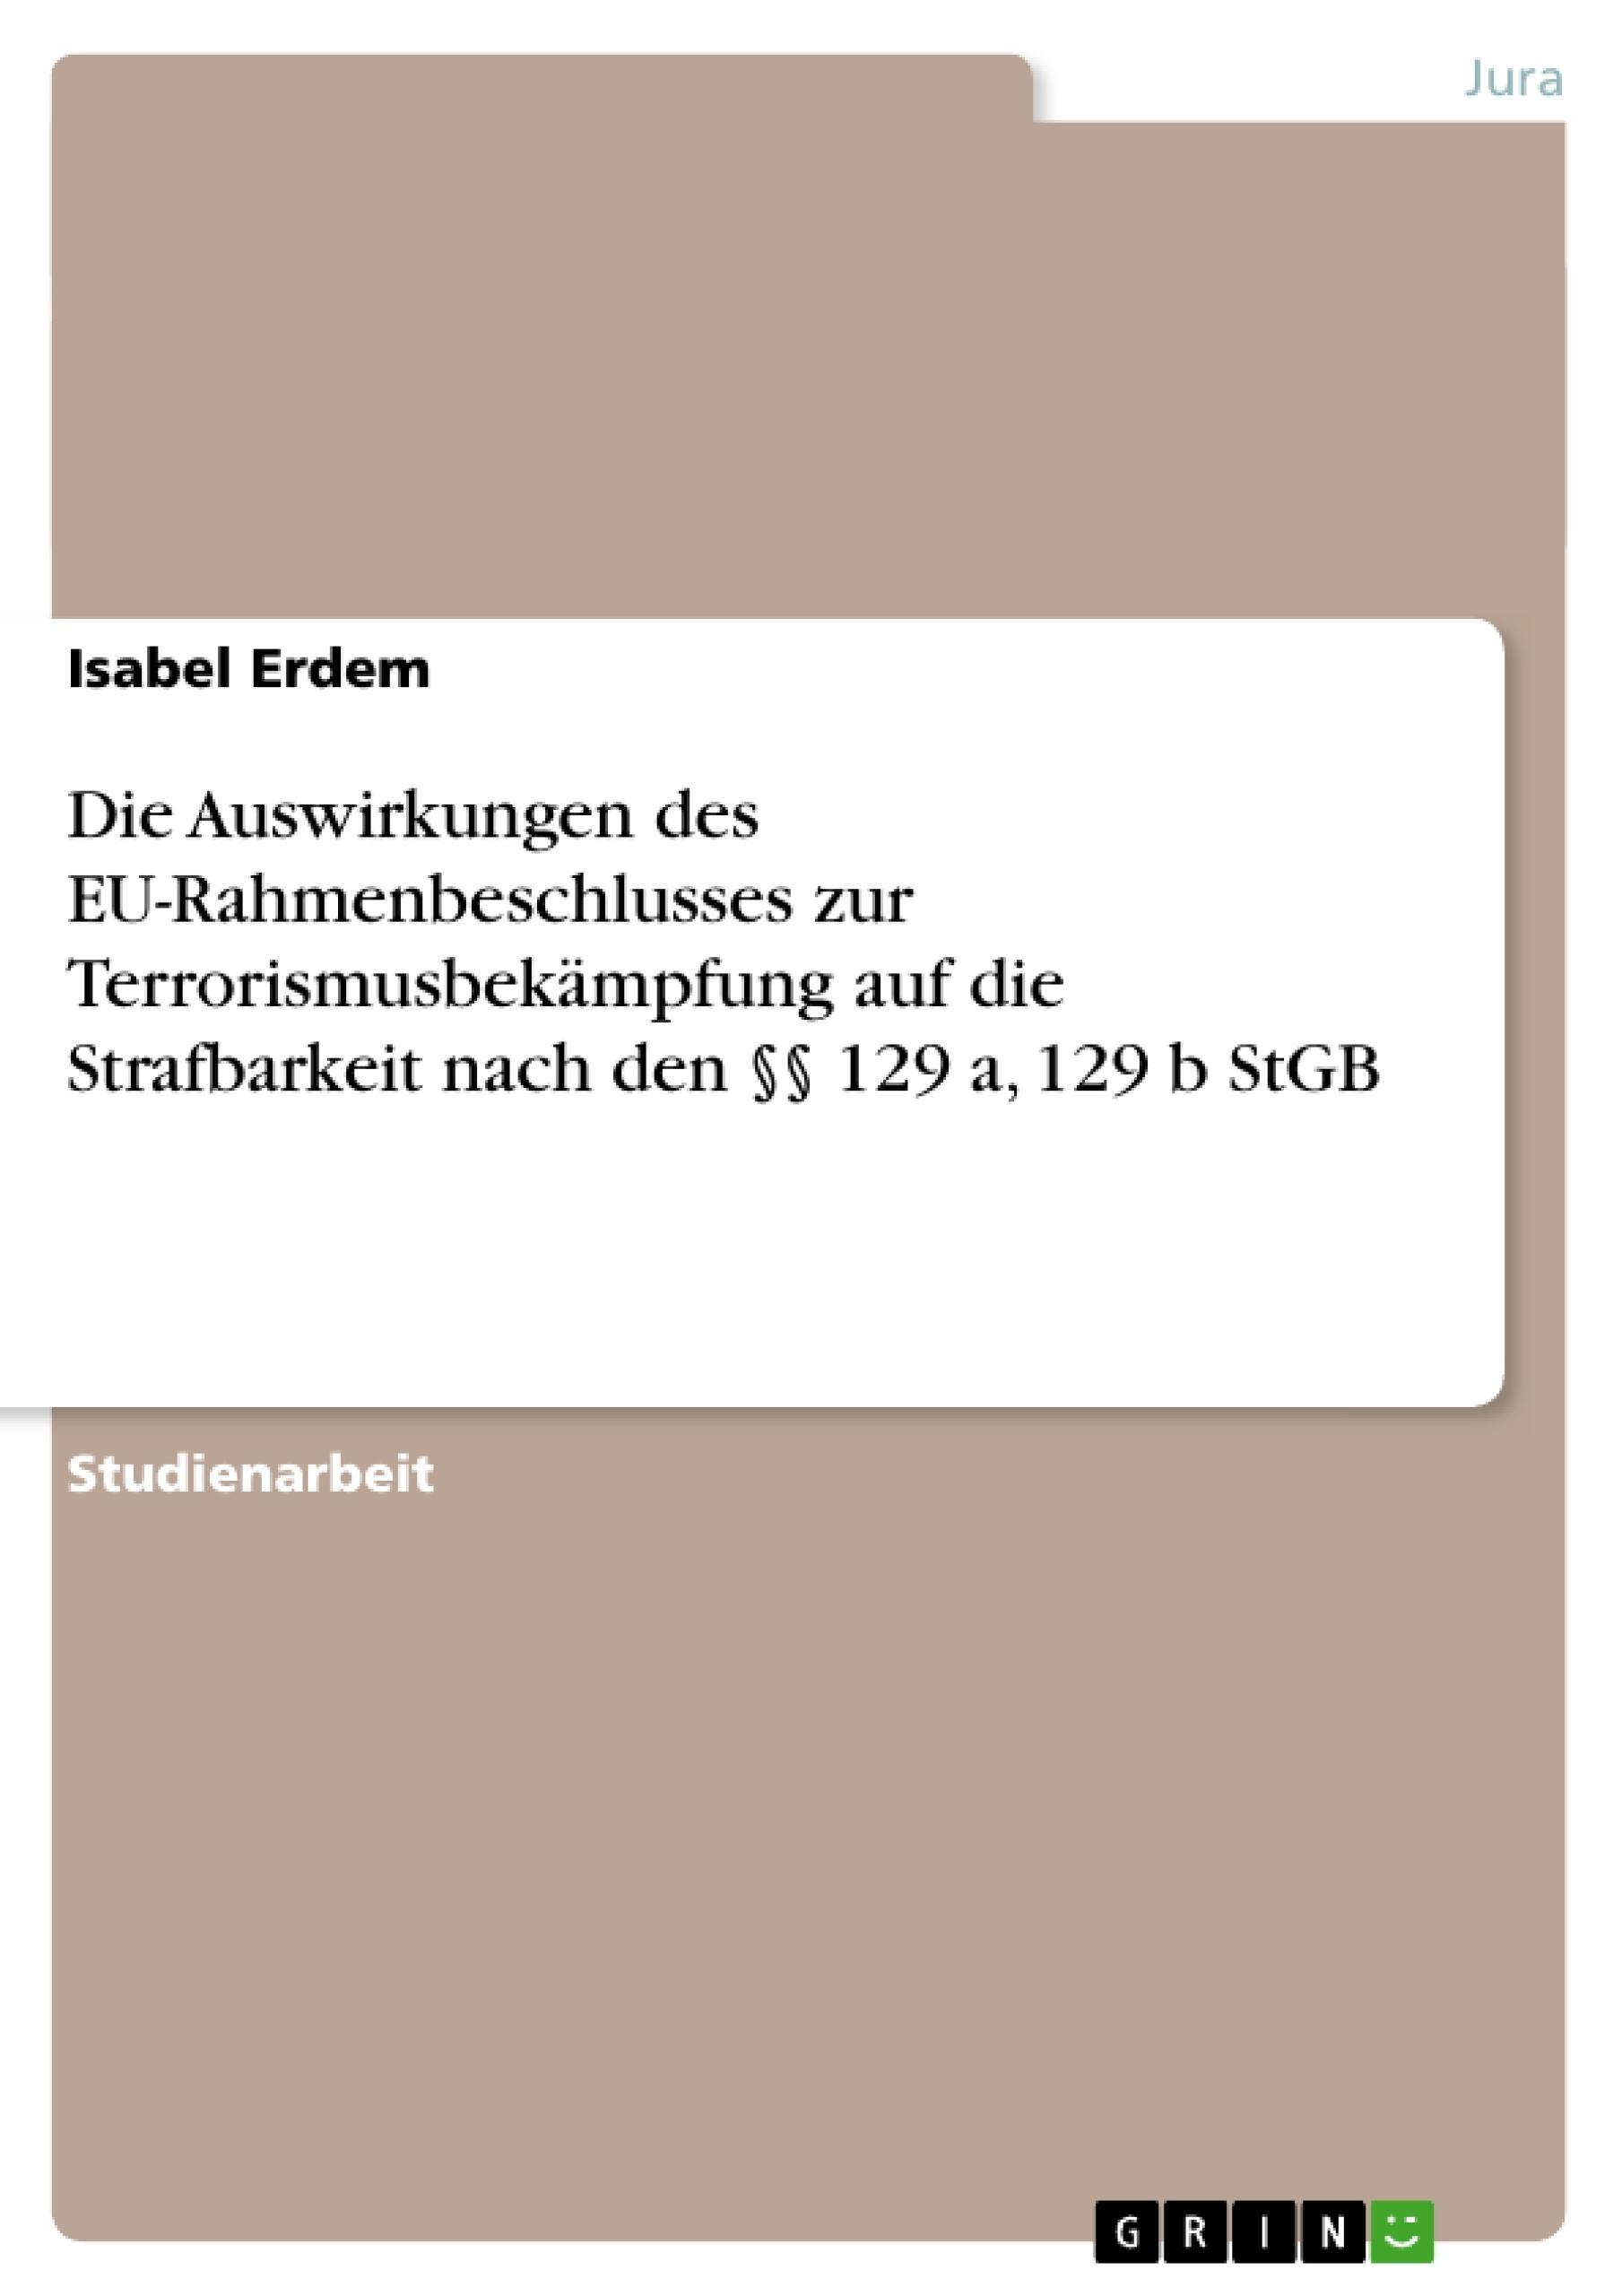 Titel: Die Auswirkungen des EU-Rahmenbeschlusses zur Terrorismusbekämpfung  auf die Strafbarkeit nach den §§ 129 a, 129 b StGB